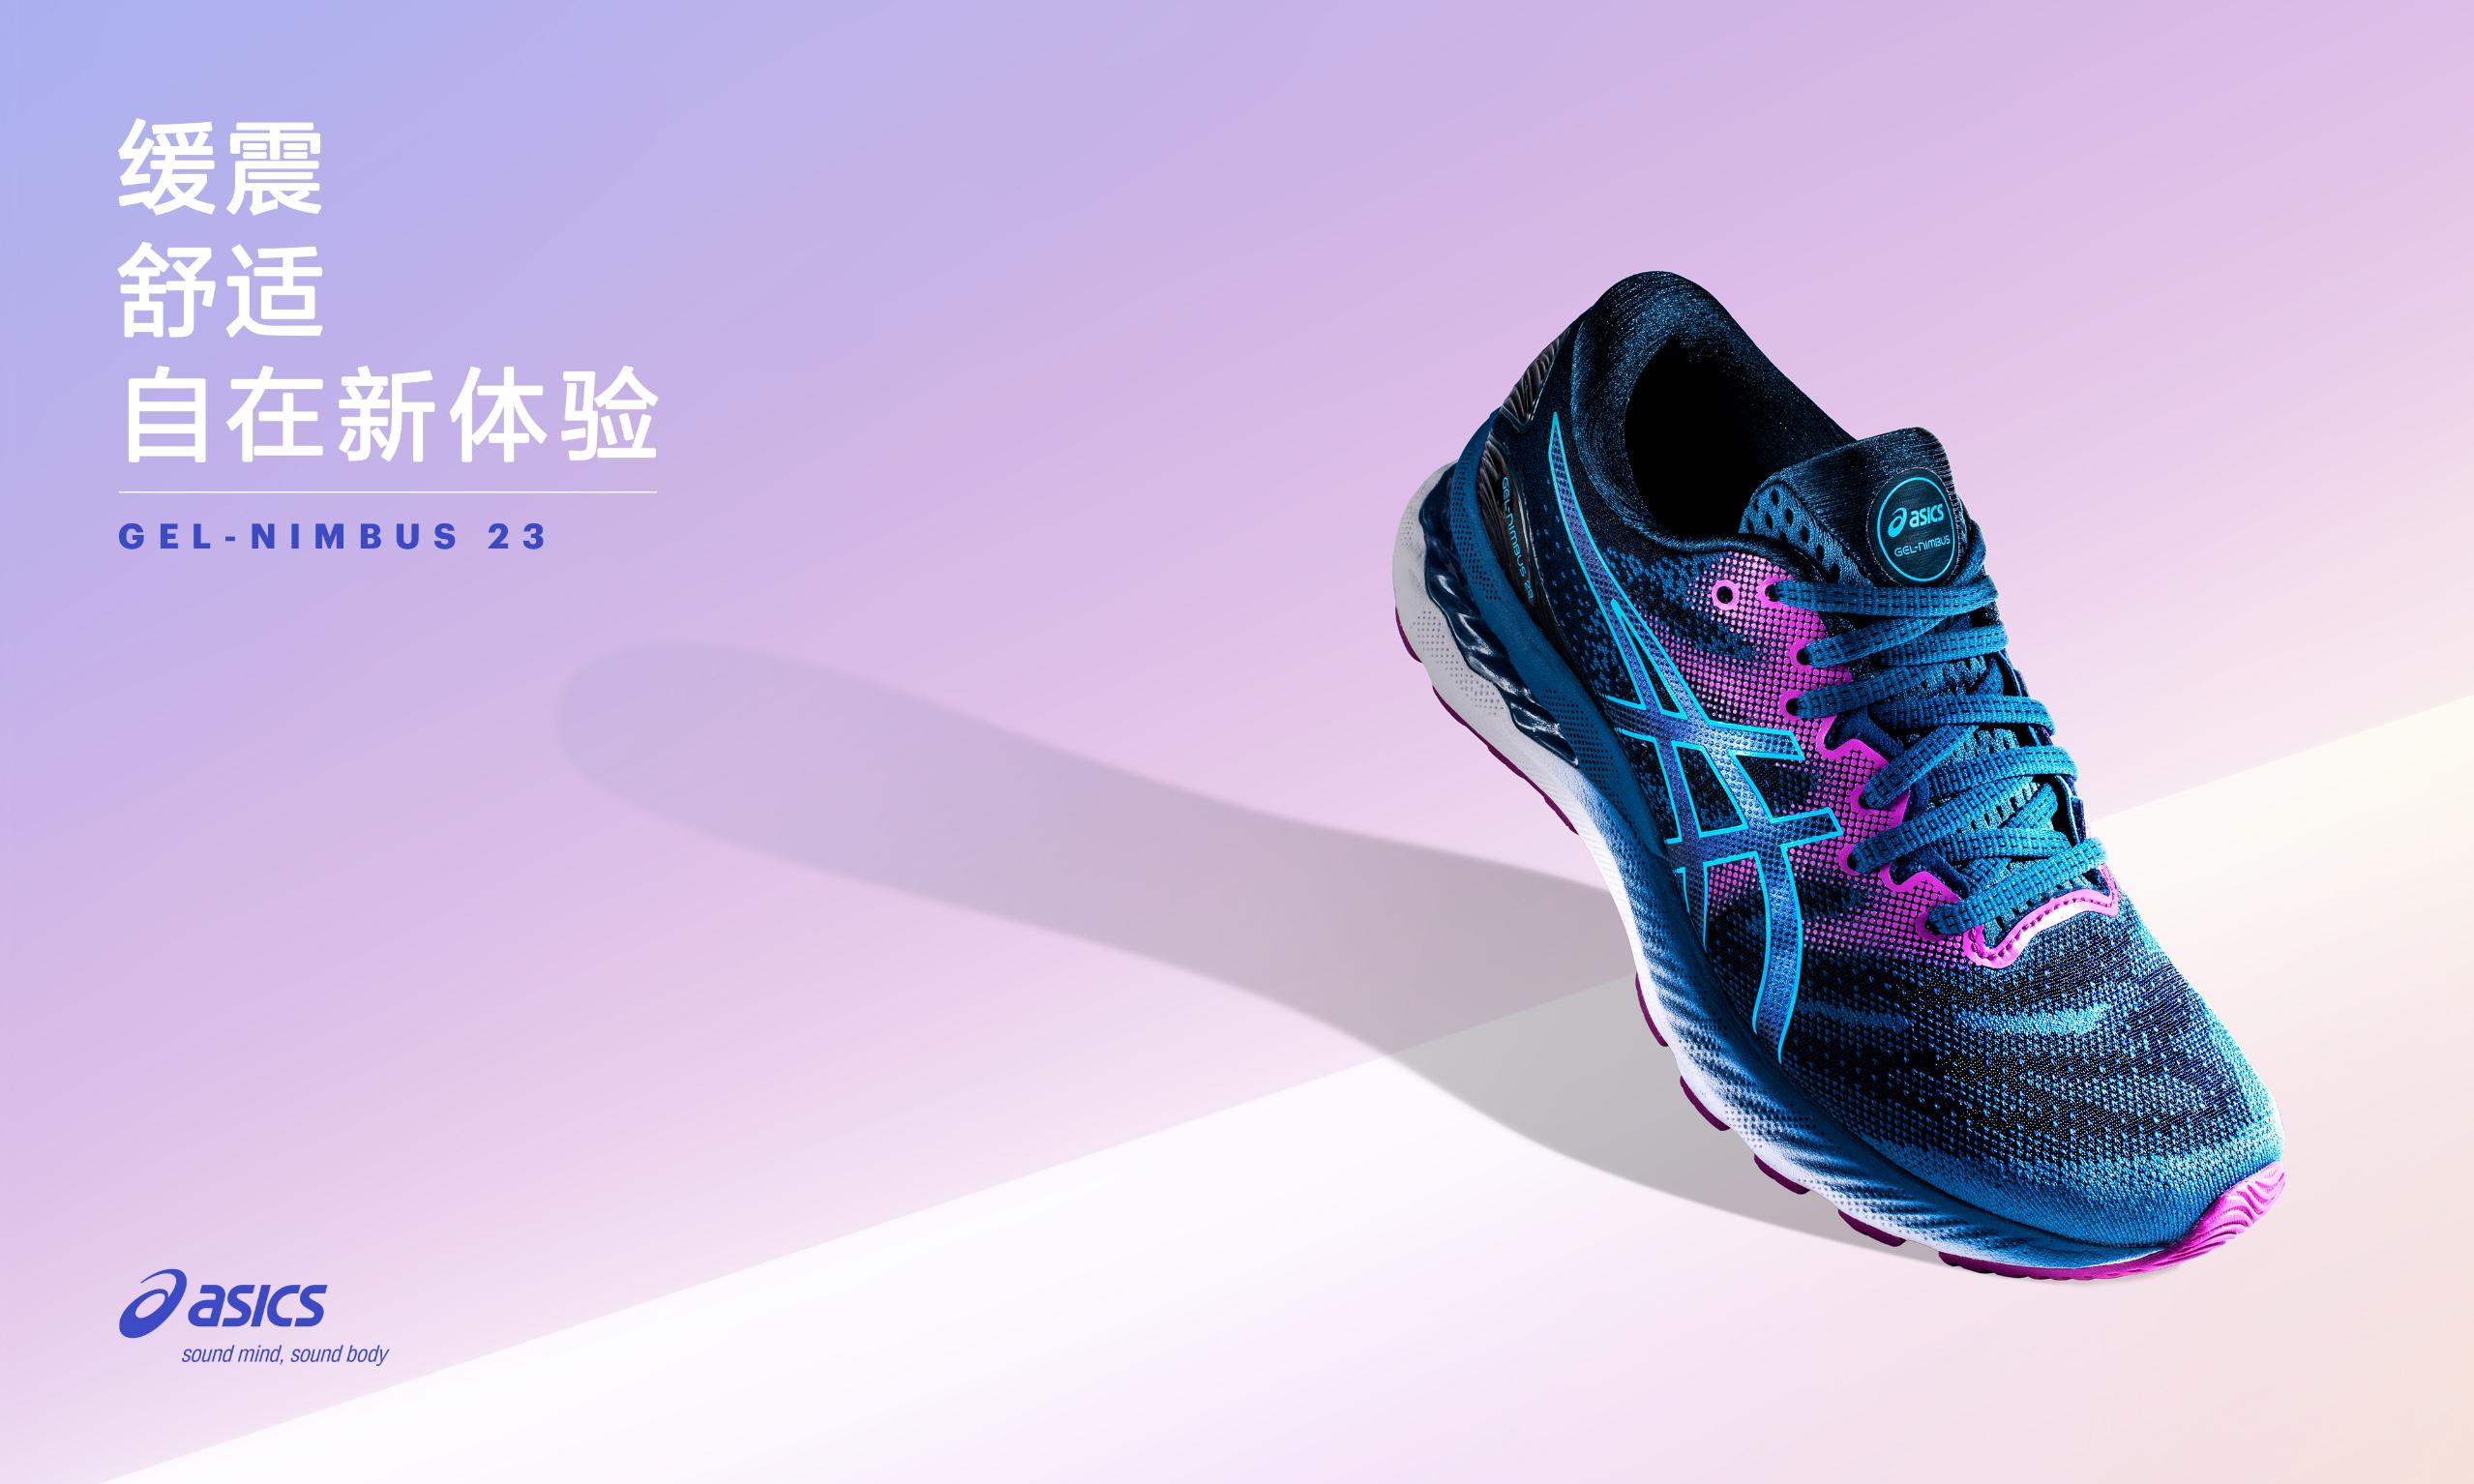 乘云之势,ASICS 亚瑟士发布全新 GEL-NIMBUS 23 跑鞋